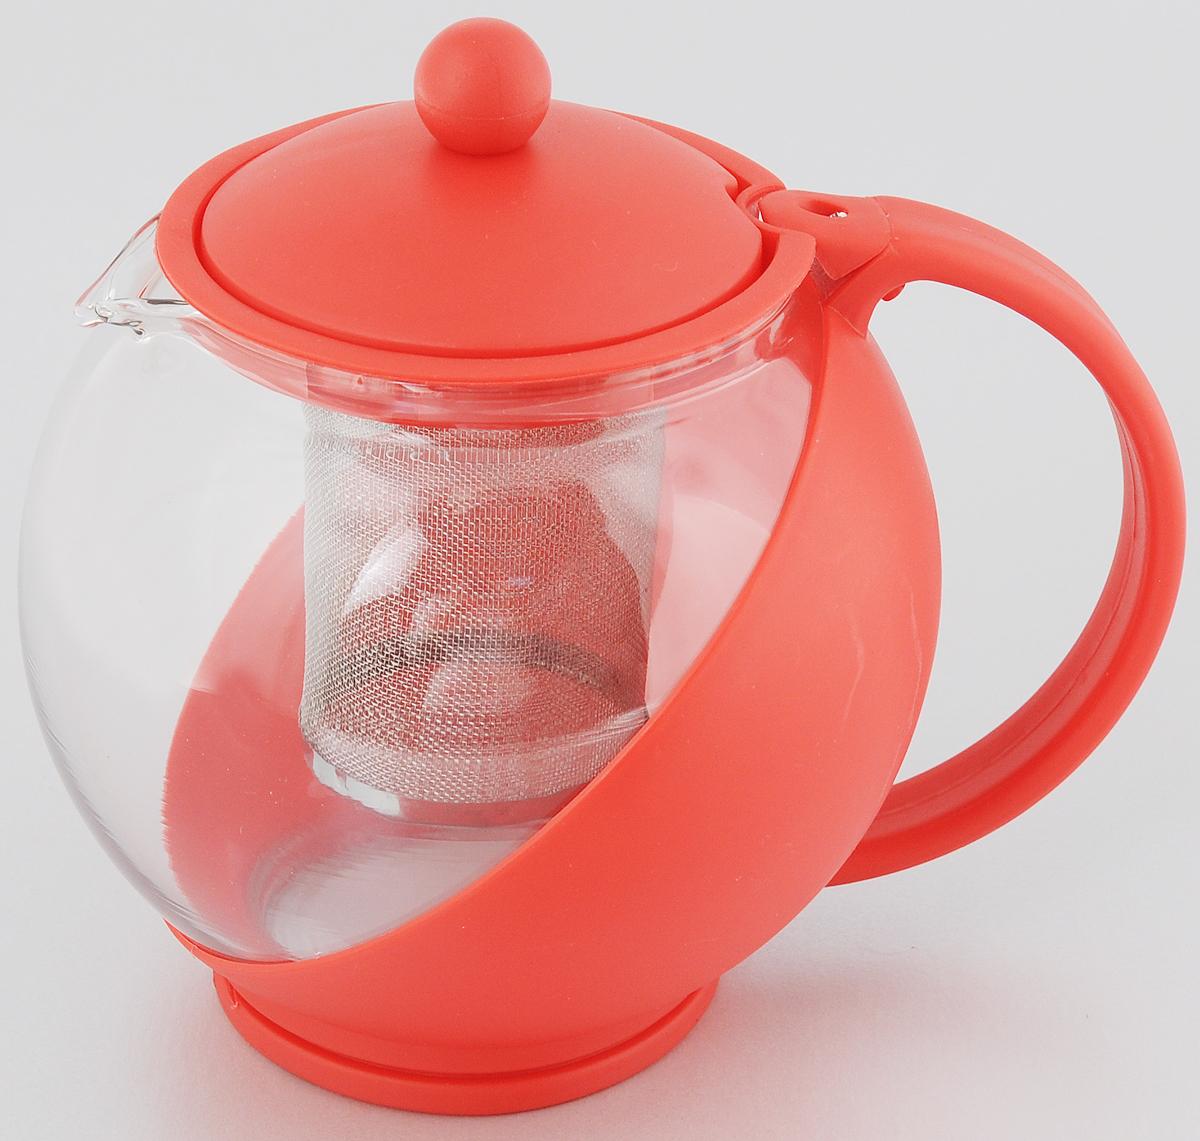 Чайник заварочный Bekker Koch, с фильтром, цвет: красный, 1,25 лBK-301Заварочный чайник Bekker Koch изготовлен из высококачественного пластика и жаропрочного стекла. Чайник имеет металлический фильтр.Чайник оснащен удобной пластиковой ручкой. В нем вы можете приготовить вкусный и ароматный чай. Заварочный чайник Bekker Koch займет достойное место на вашей кухне. Объем: 1,25 л. Высота чайника (без учета крышки): 14 см. Диаметр (по верхнему краю): 9,5 см.